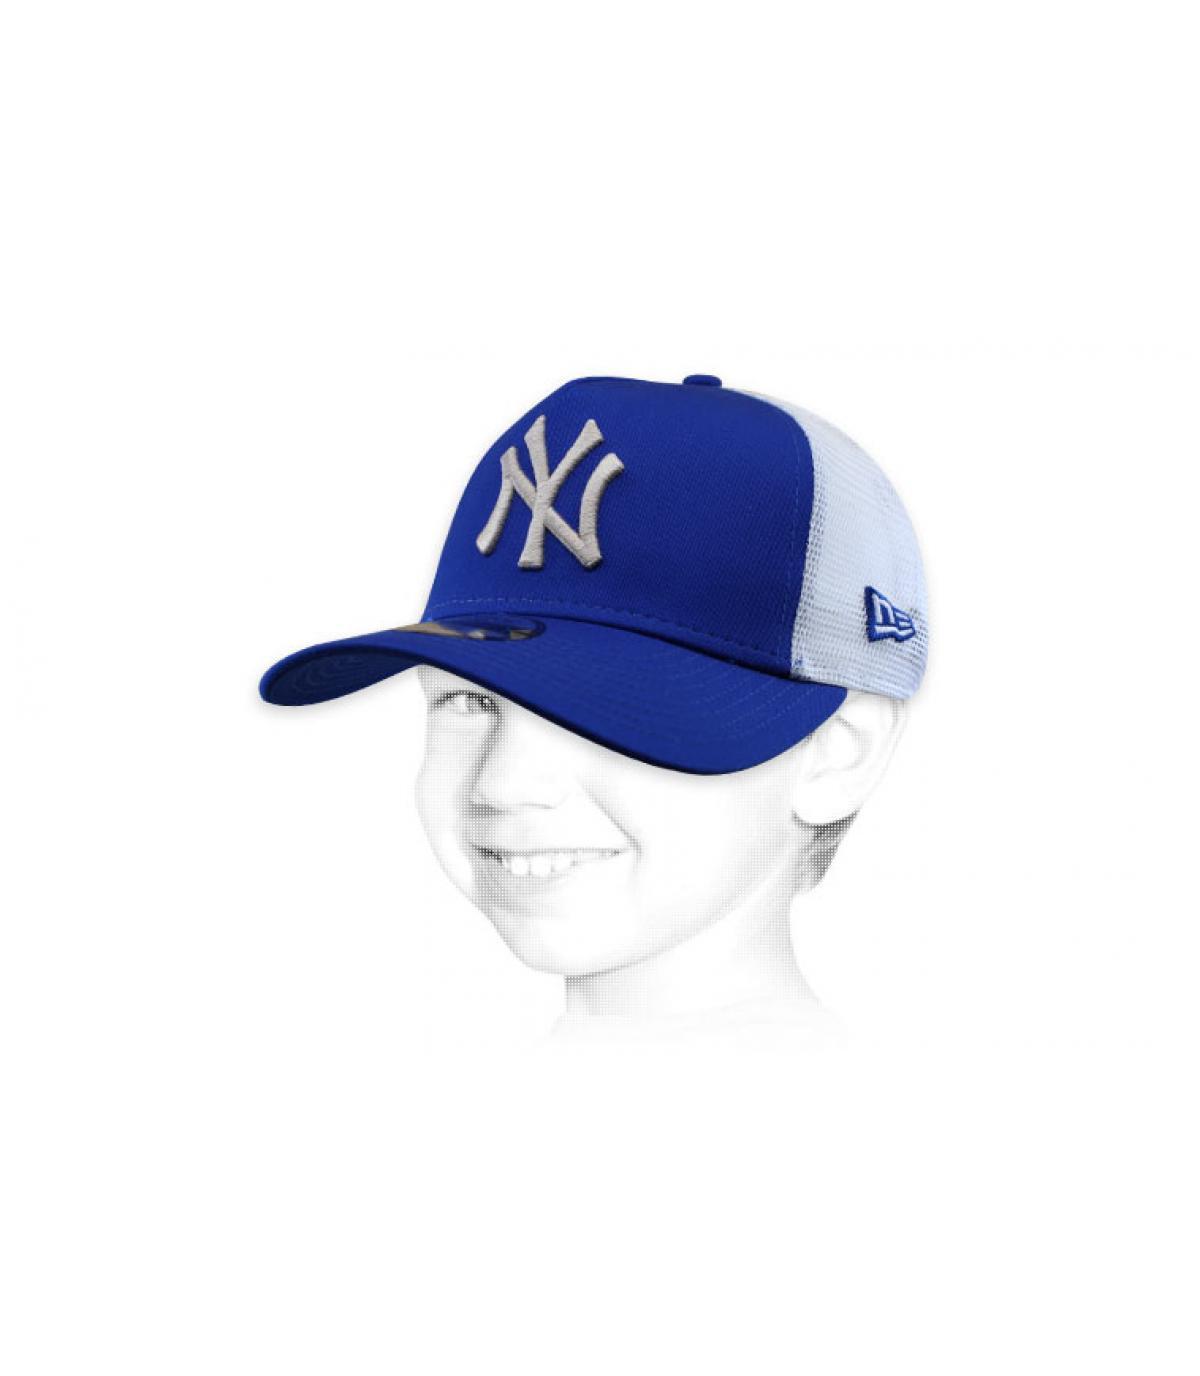 Trucker Cap NY blau